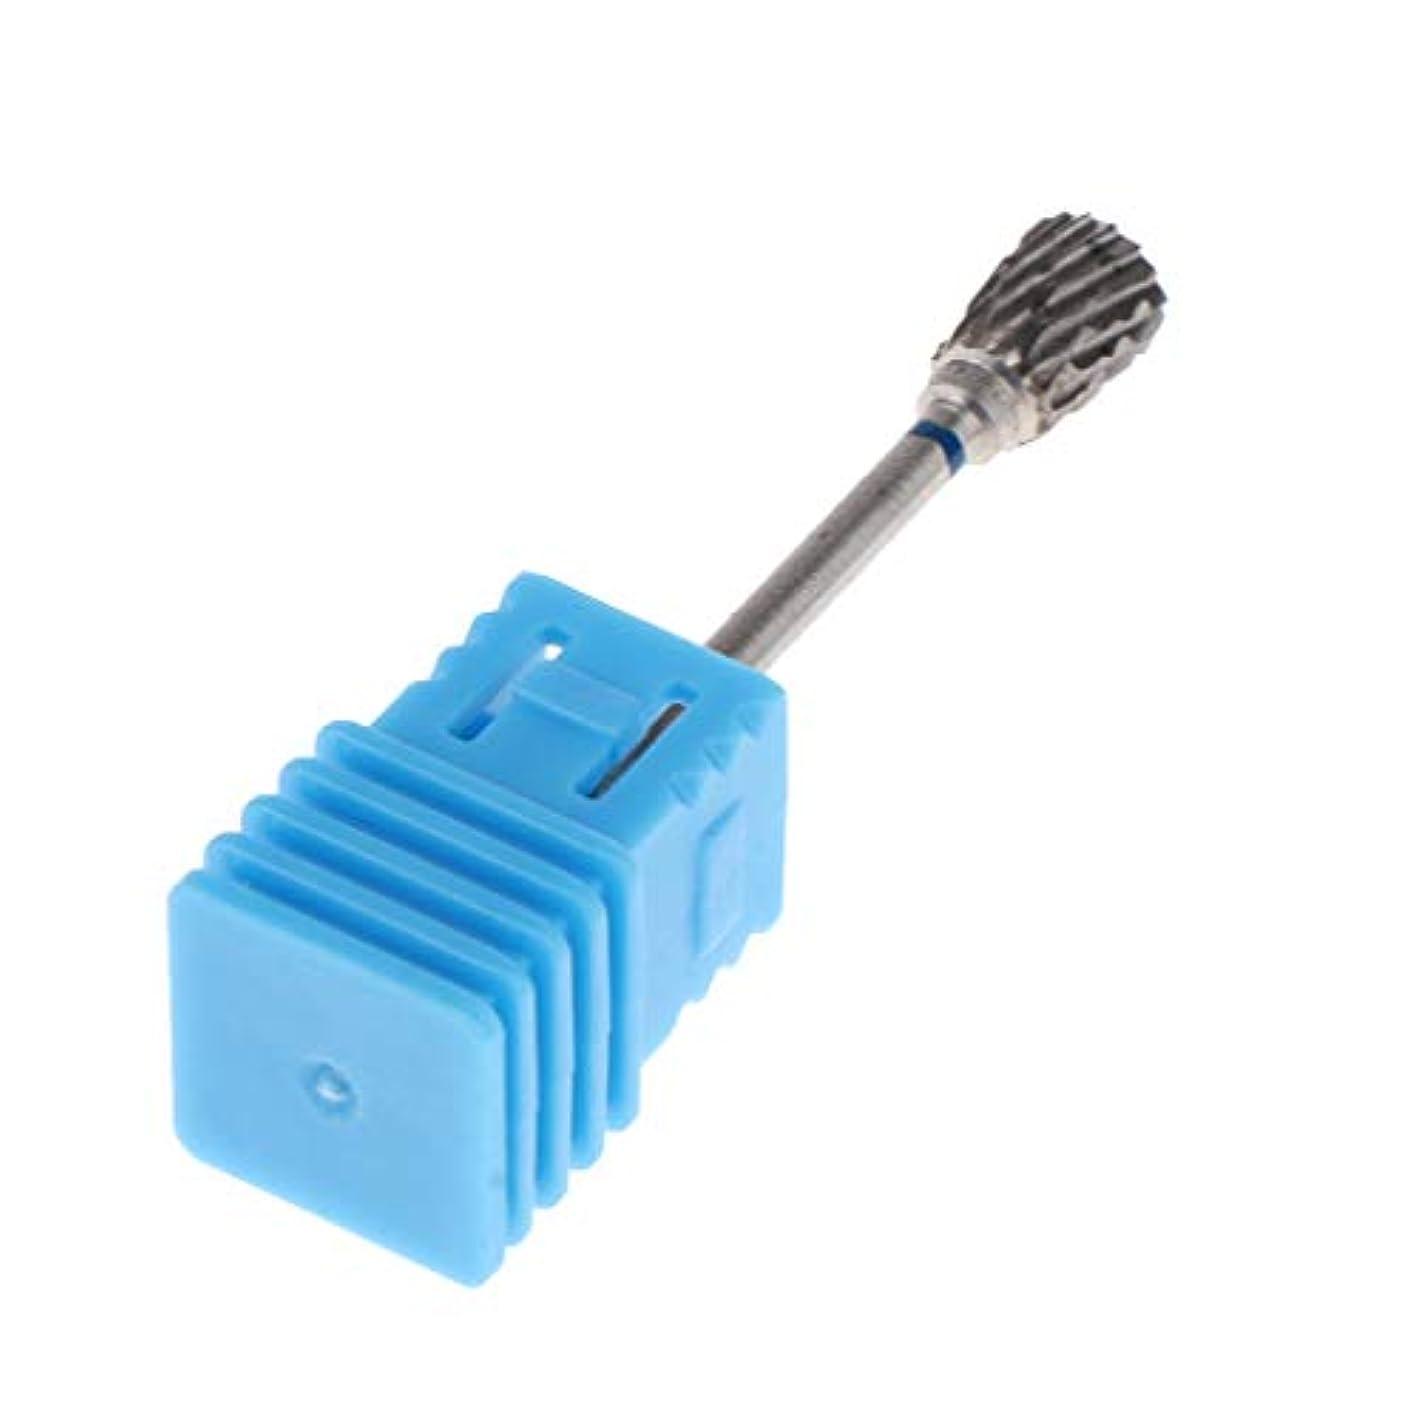 手広大な等Toygogo 電気釘ファイル機械のための釘の穴あけ工具のタングステンの鋼鉄炭化物の穴あけ工具のキューティクルの除去剤3/32 - #9